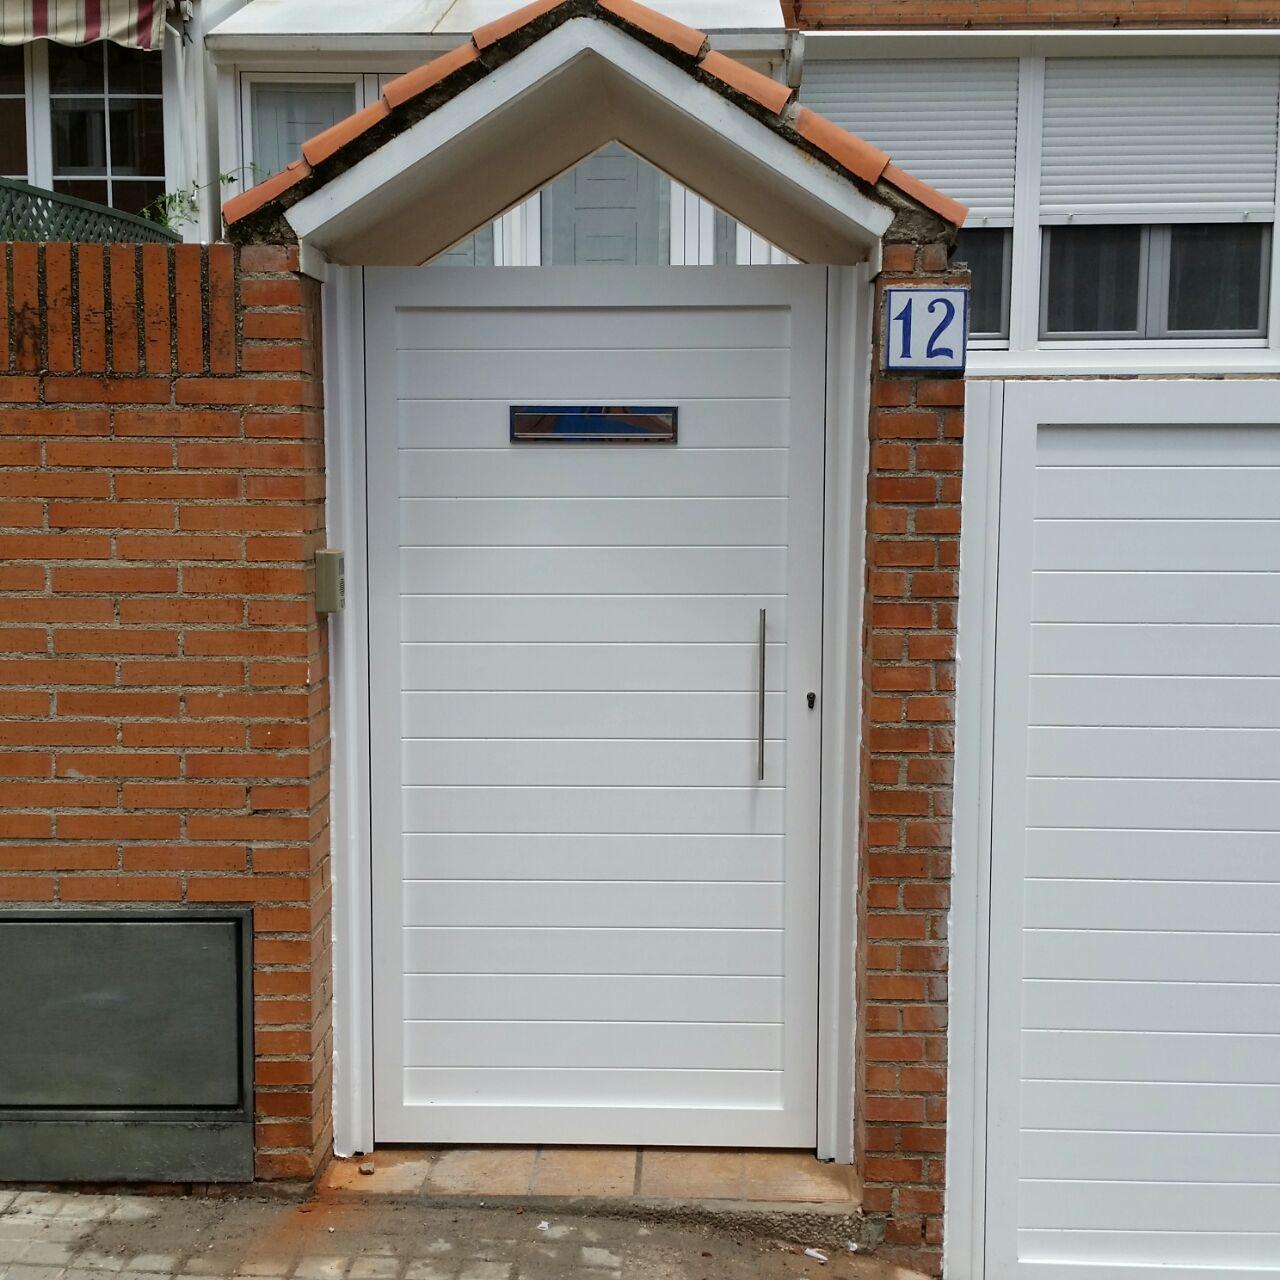 Puertas de aluminio soldadas modelo batres grupo marver - Modelos de puertas de aluminio para exterior ...